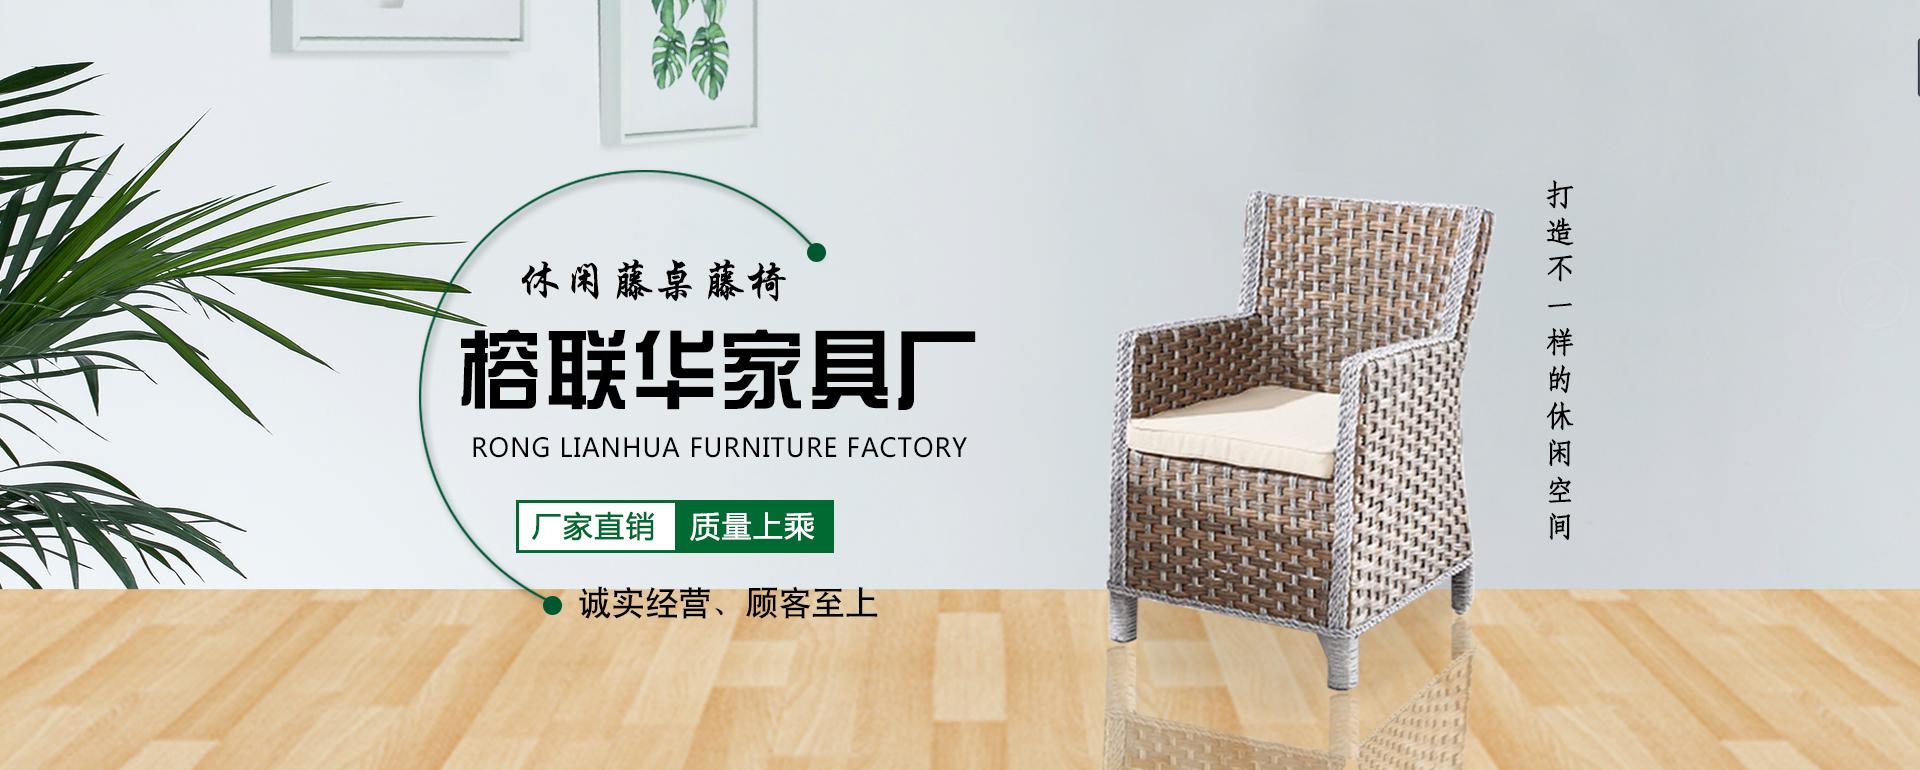 藤椅生产厂家